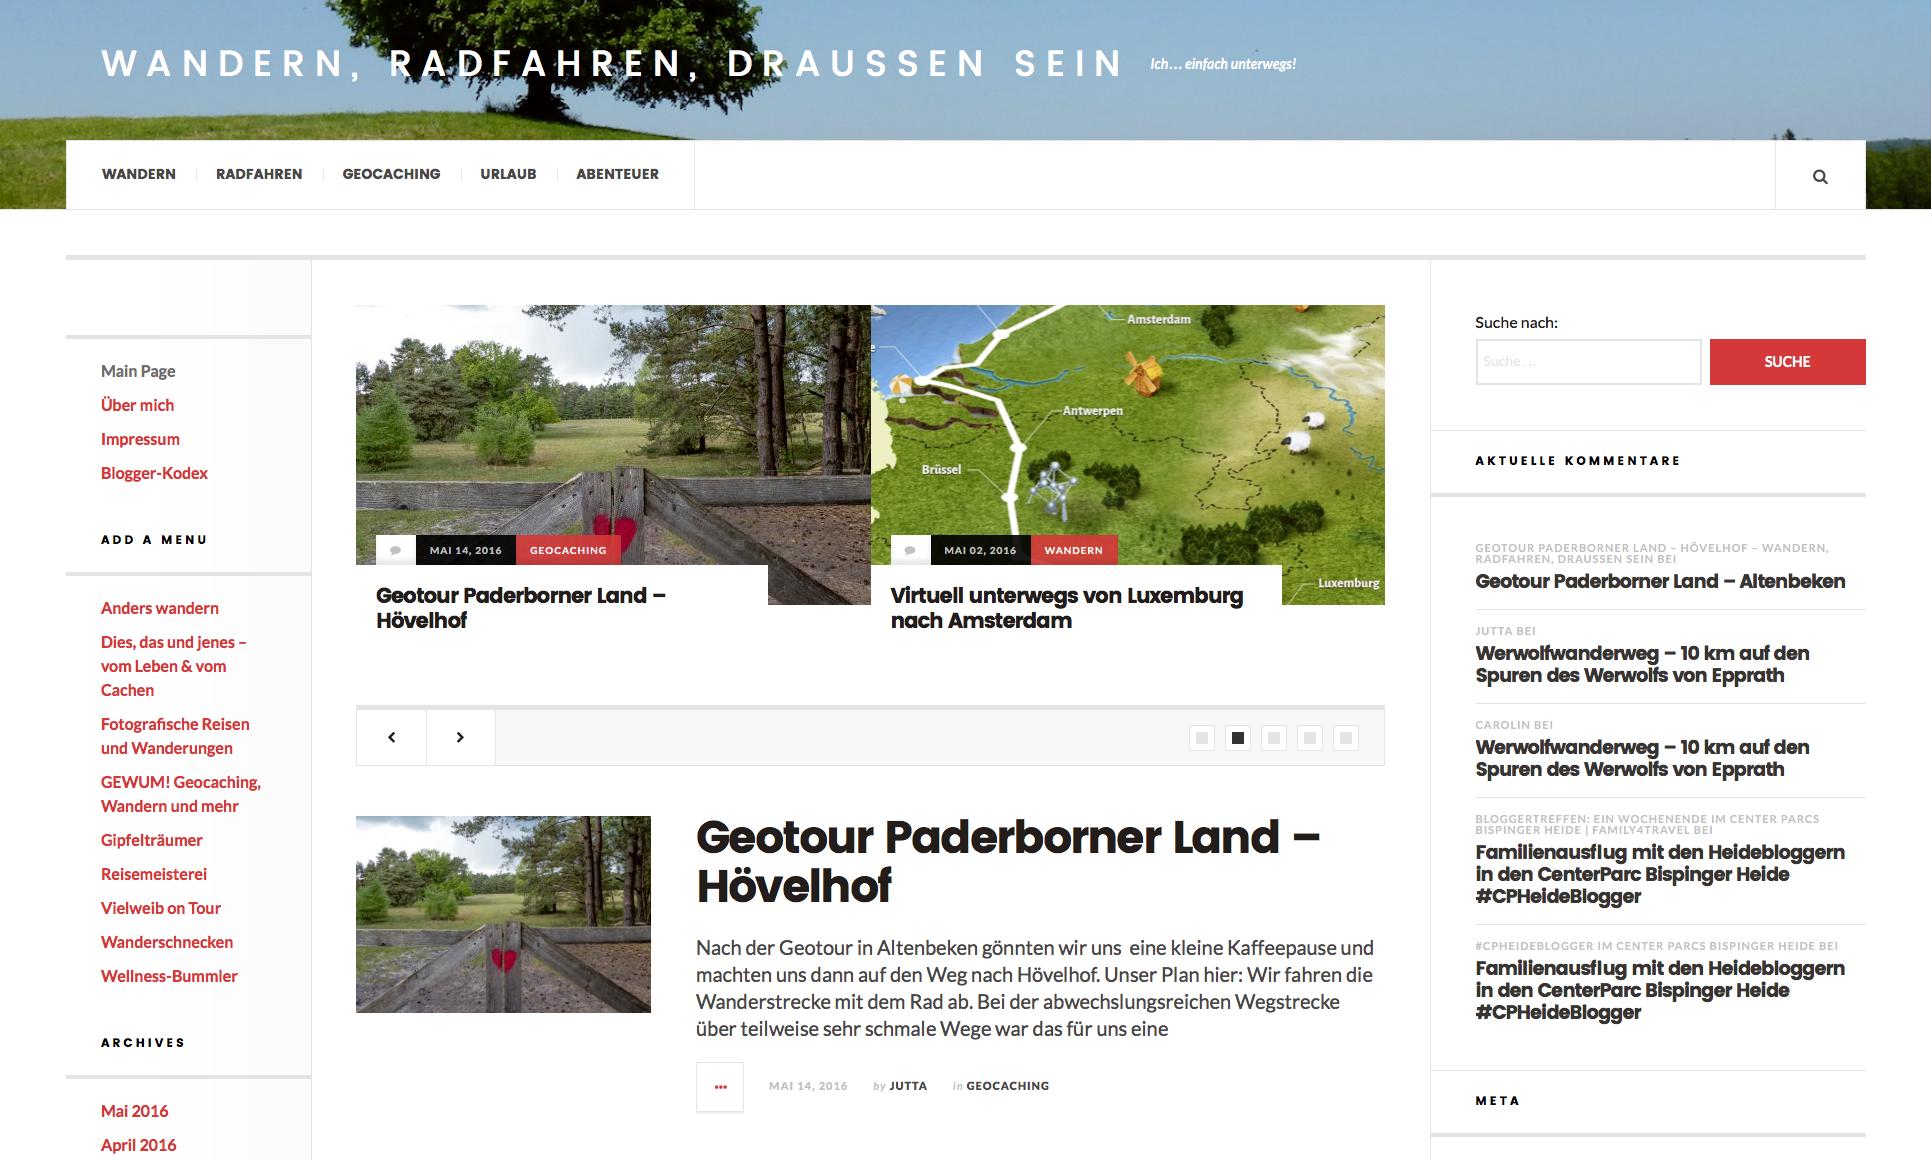 Icheinfachunterwegs berichtet über die GeoTour Paderborner Land